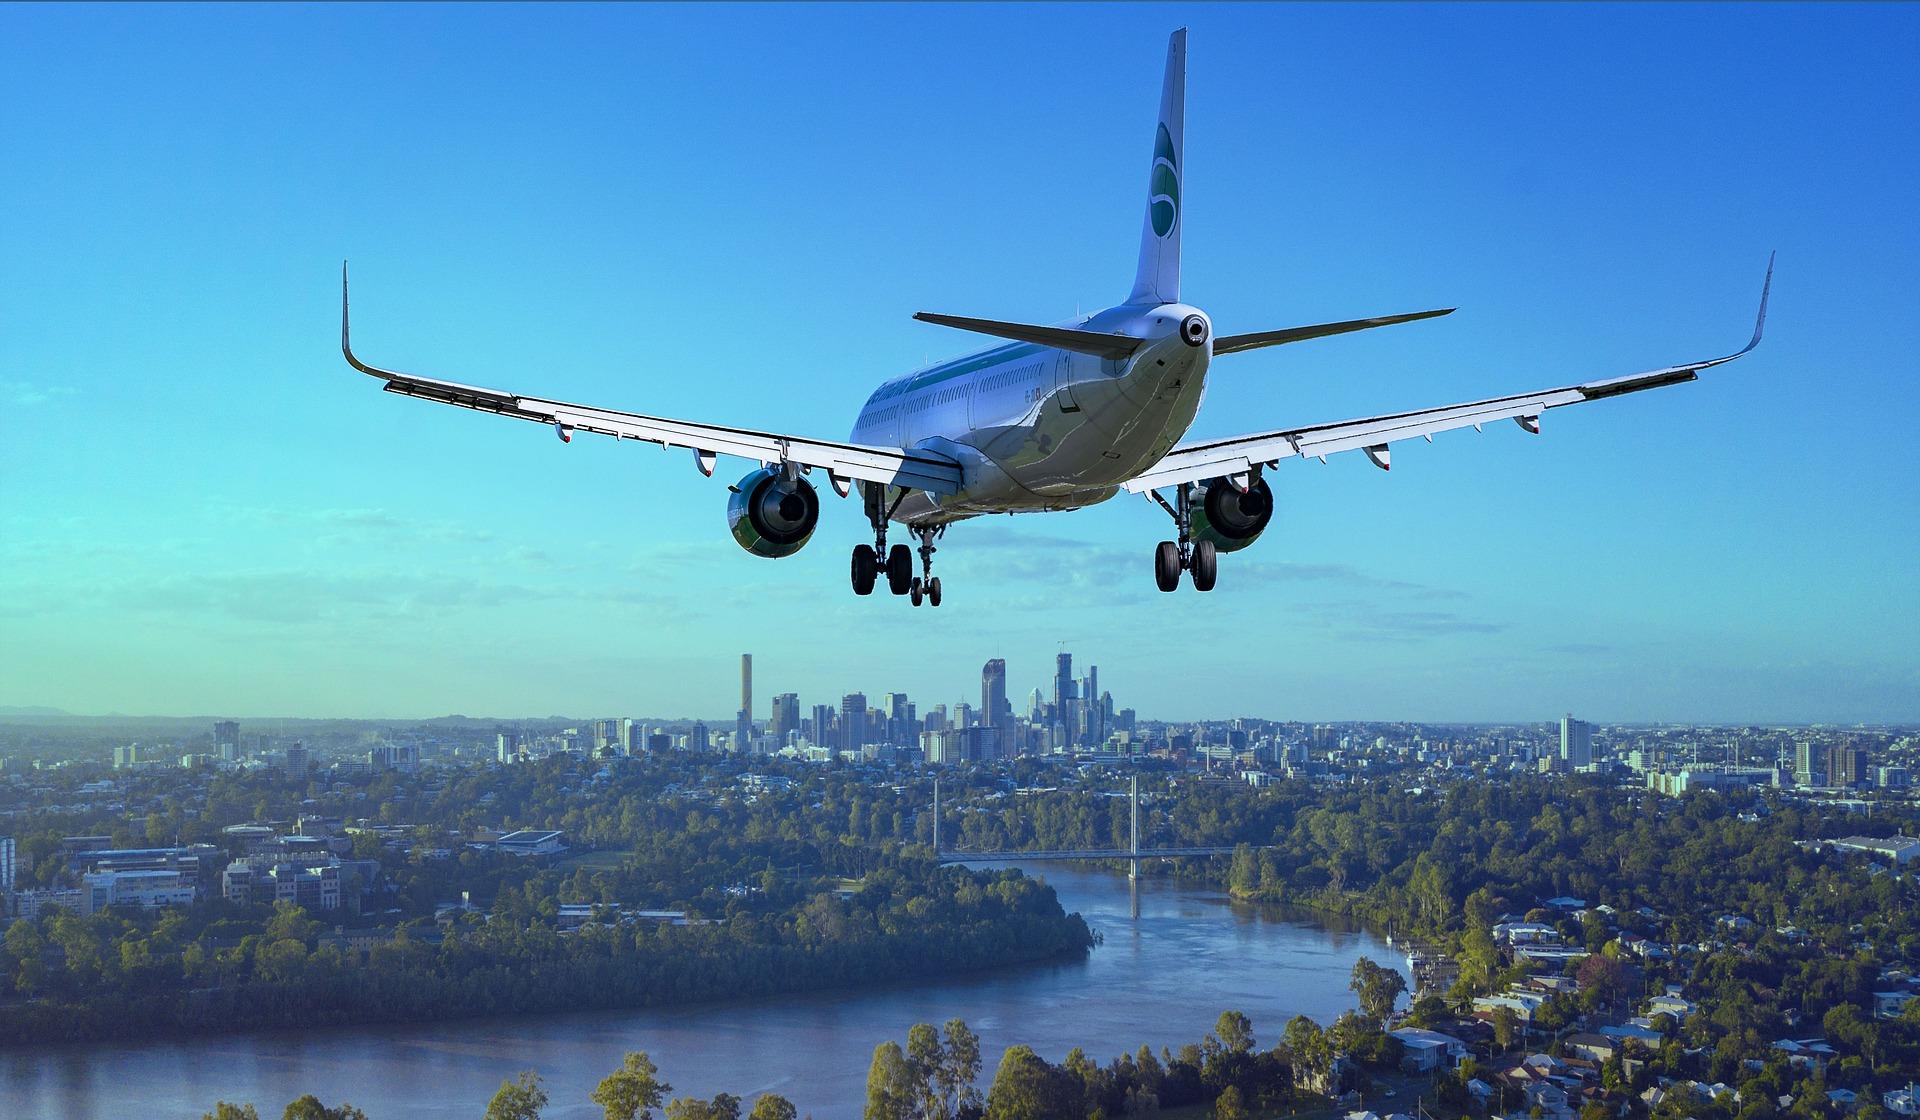 Vers une baisse du trafic aérien ?